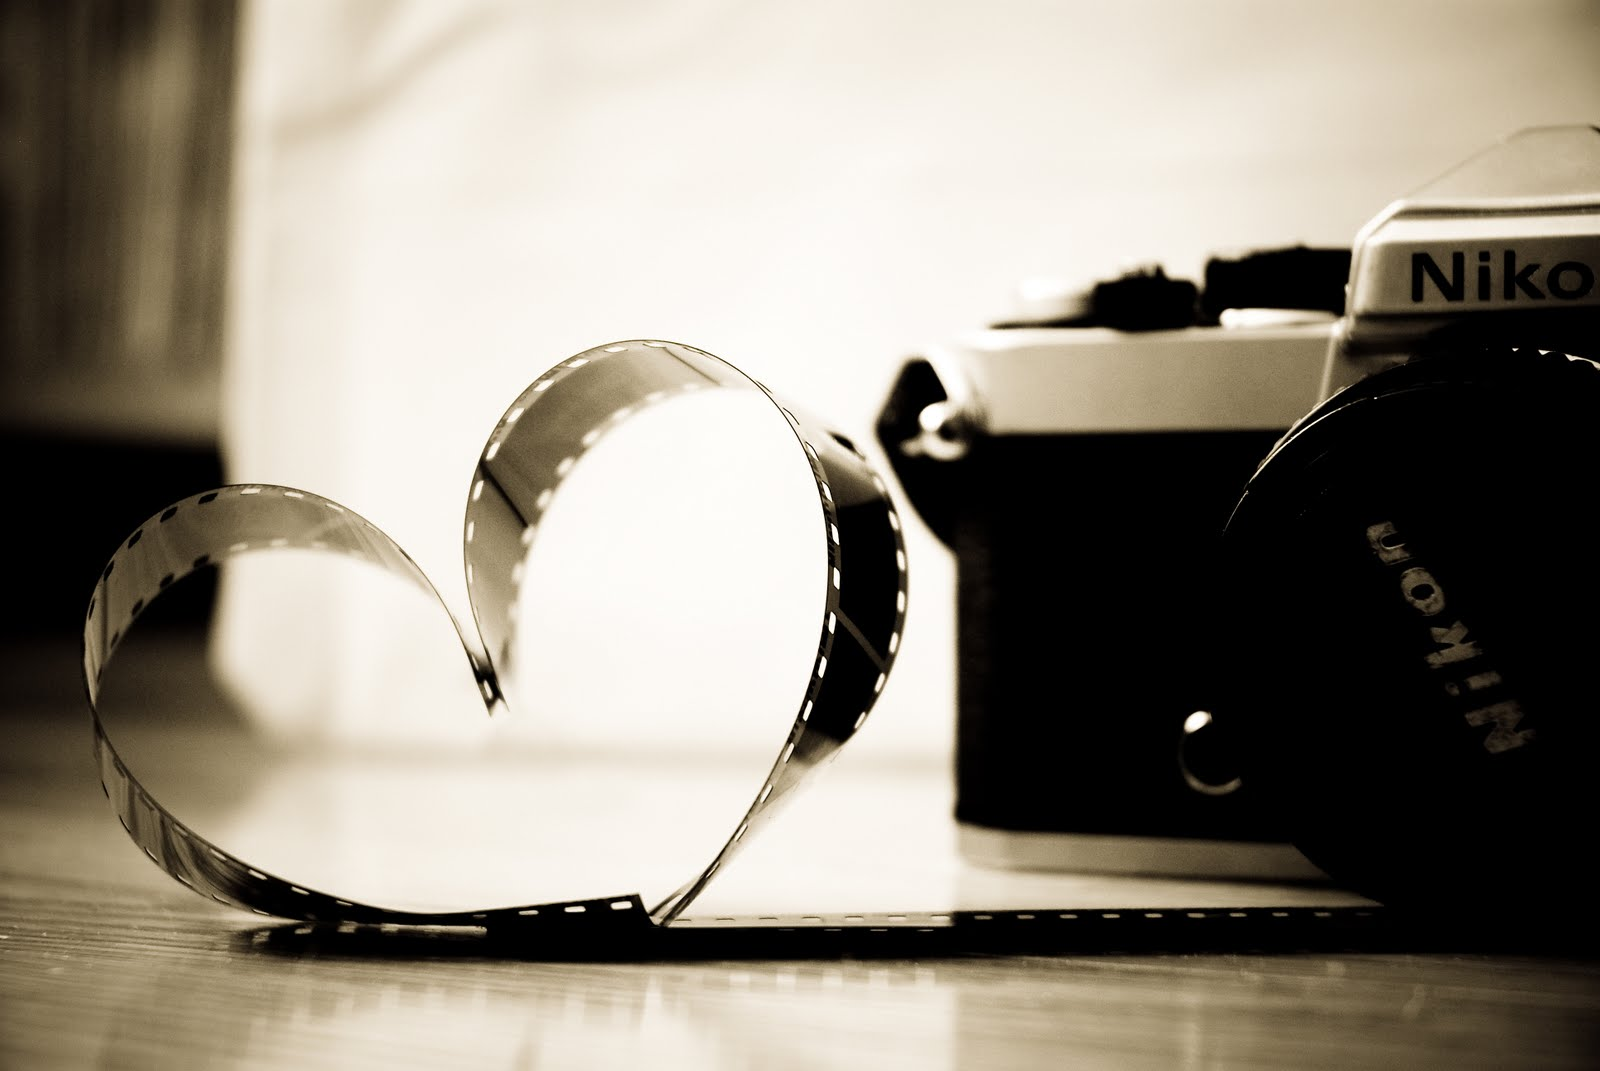 http://4.bp.blogspot.com/_JoK9BOSG8FA/S7nYCaIHyvI/AAAAAAAAAJc/9QGMMOu8650/s1600/Photography_love_IIIIIII_by_Nymagirl.jpg